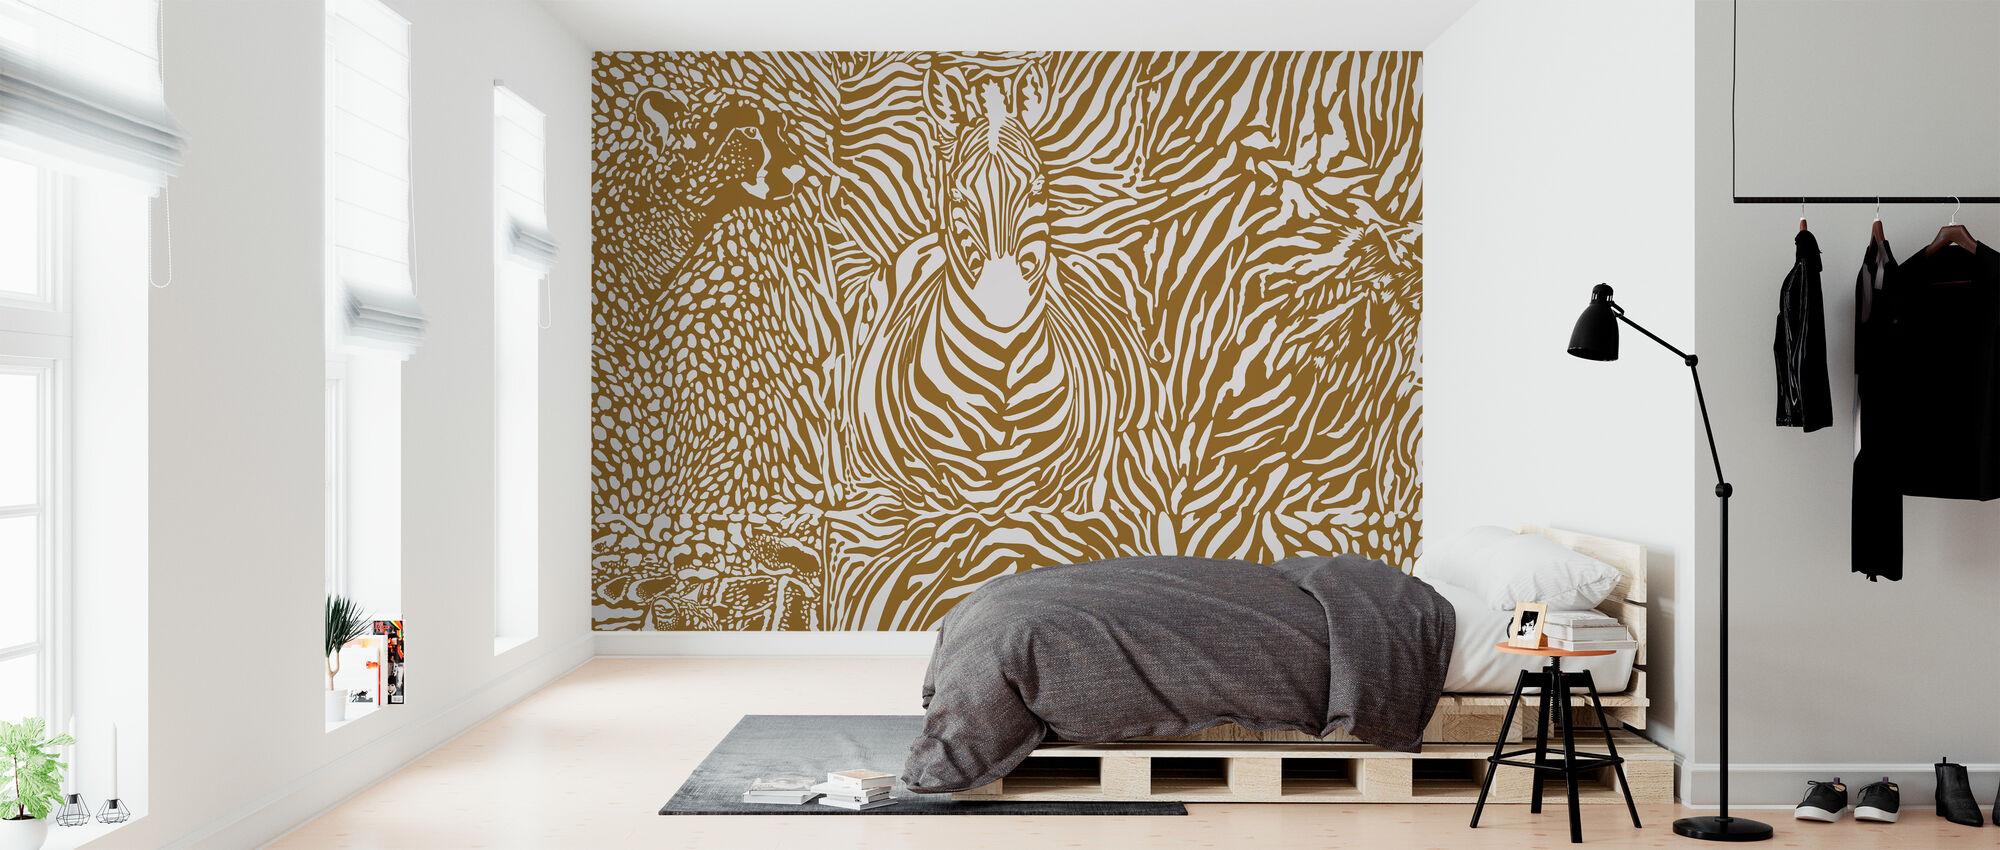 Wilderness Spirit II - Wallpaper - Bedroom